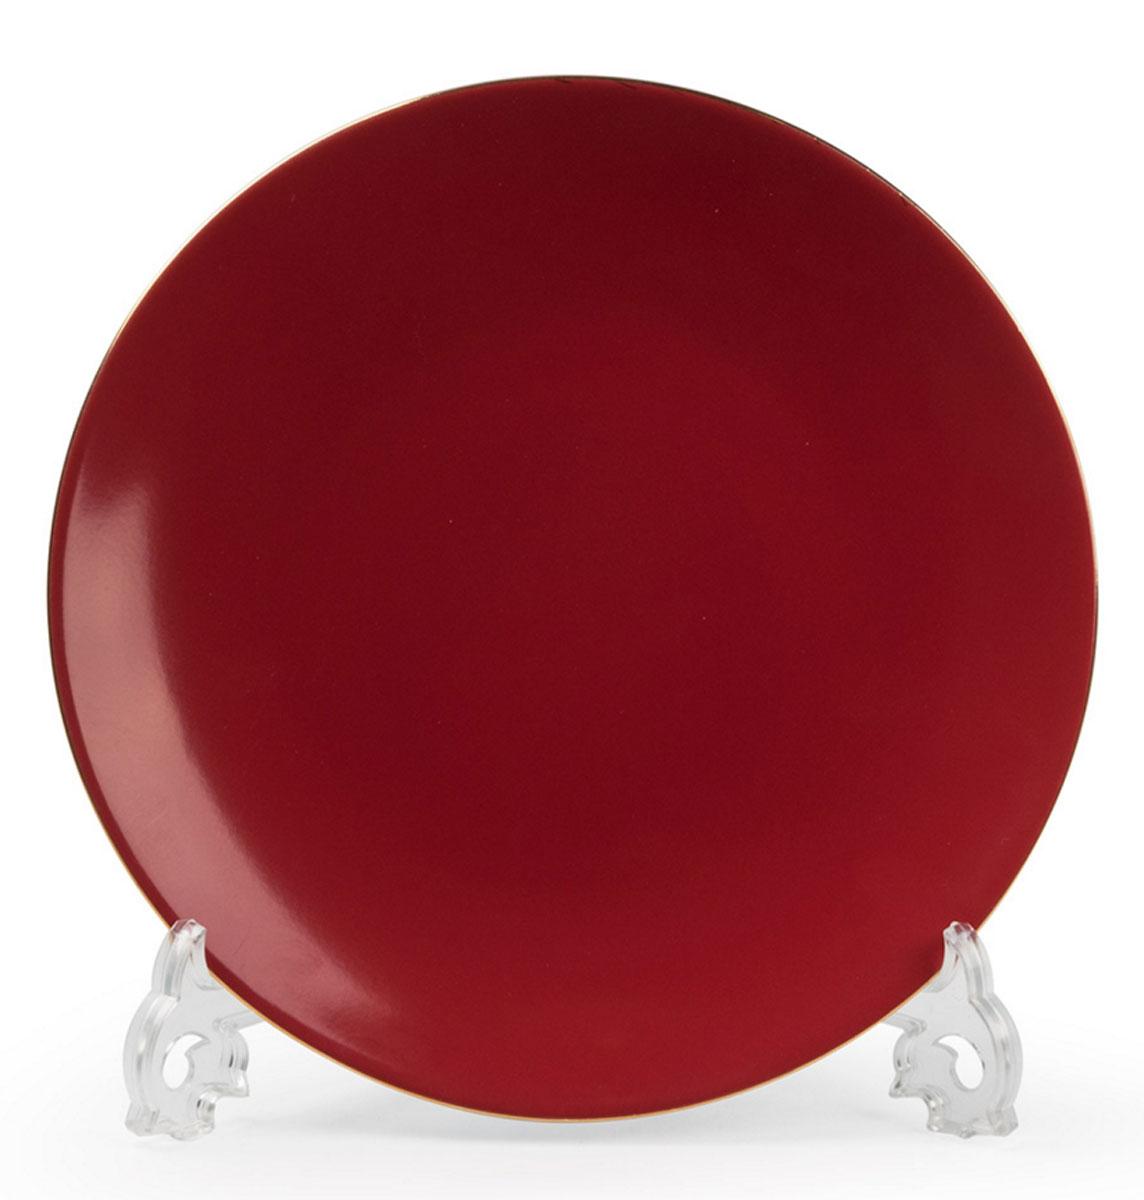 Monalisa 3125 набор тарелок 27 см*6 шт, цвет: красный с золотом7290063125В наборе тарелка 27 см 6 штук Материал: фарфор: цвет: красный с золотомСерия: MONALISA